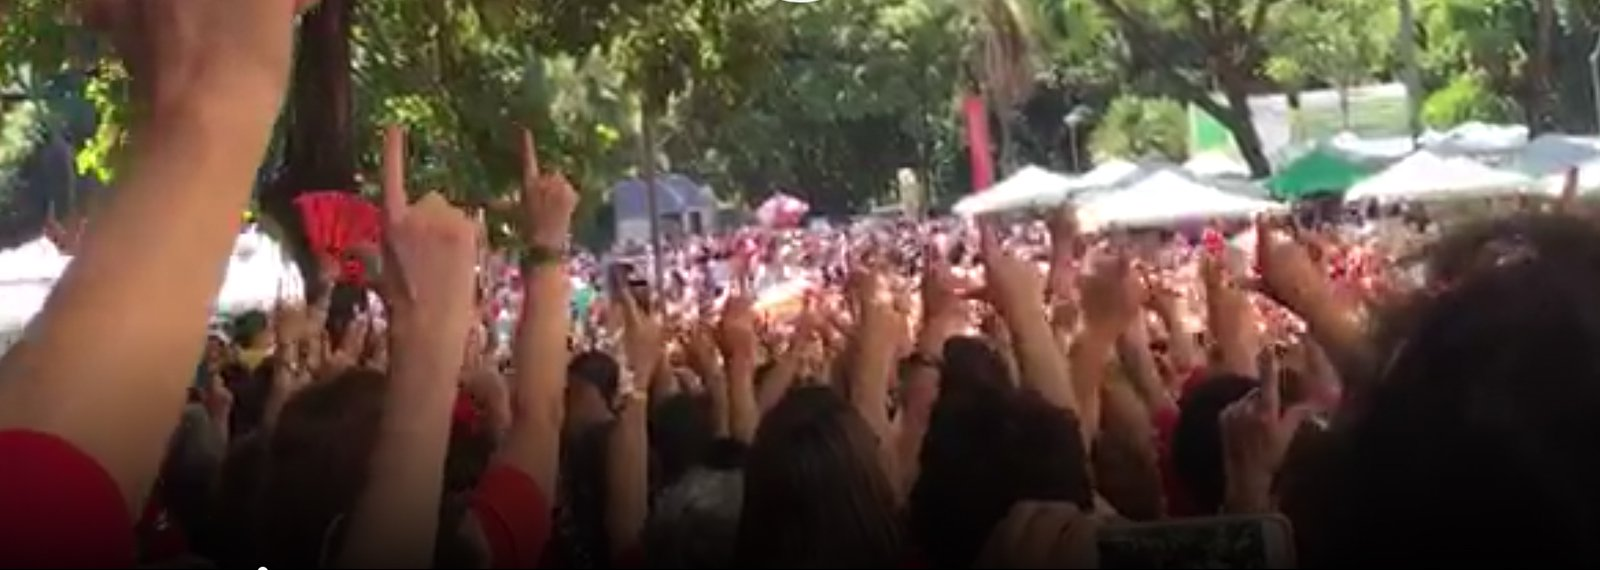 Por Lula candidato, BH canta: 'tu vens, tu vens, eu já escuto teus sinais'